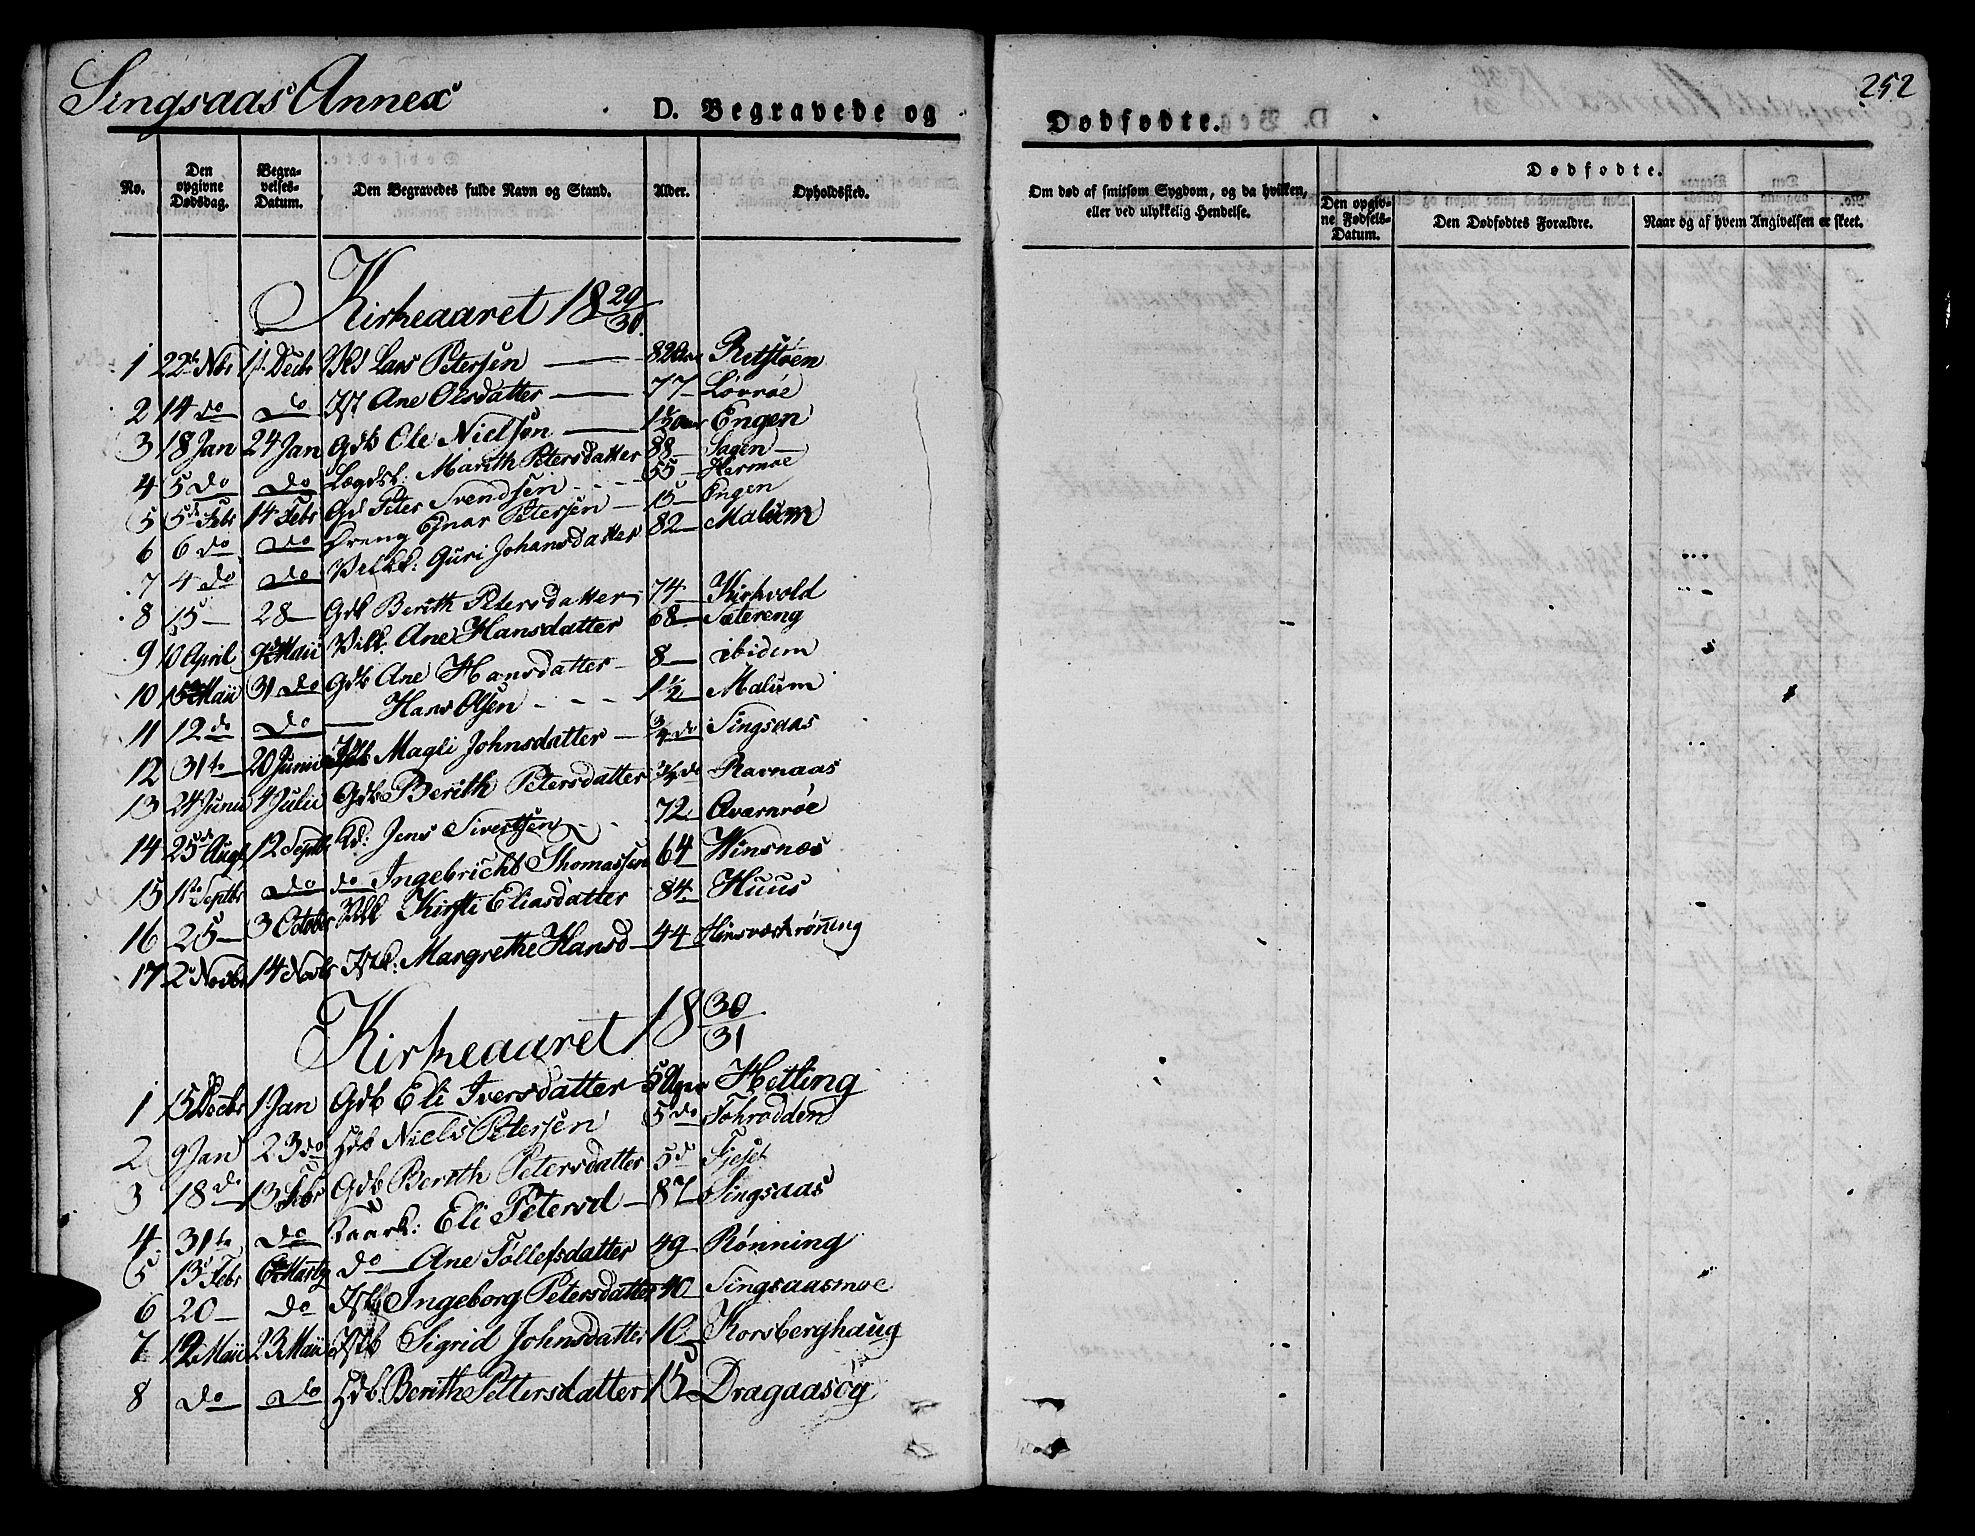 SAT, Ministerialprotokoller, klokkerbøker og fødselsregistre - Sør-Trøndelag, 685/L0961: Ministerialbok nr. 685A05 /2, 1829-1845, s. 252